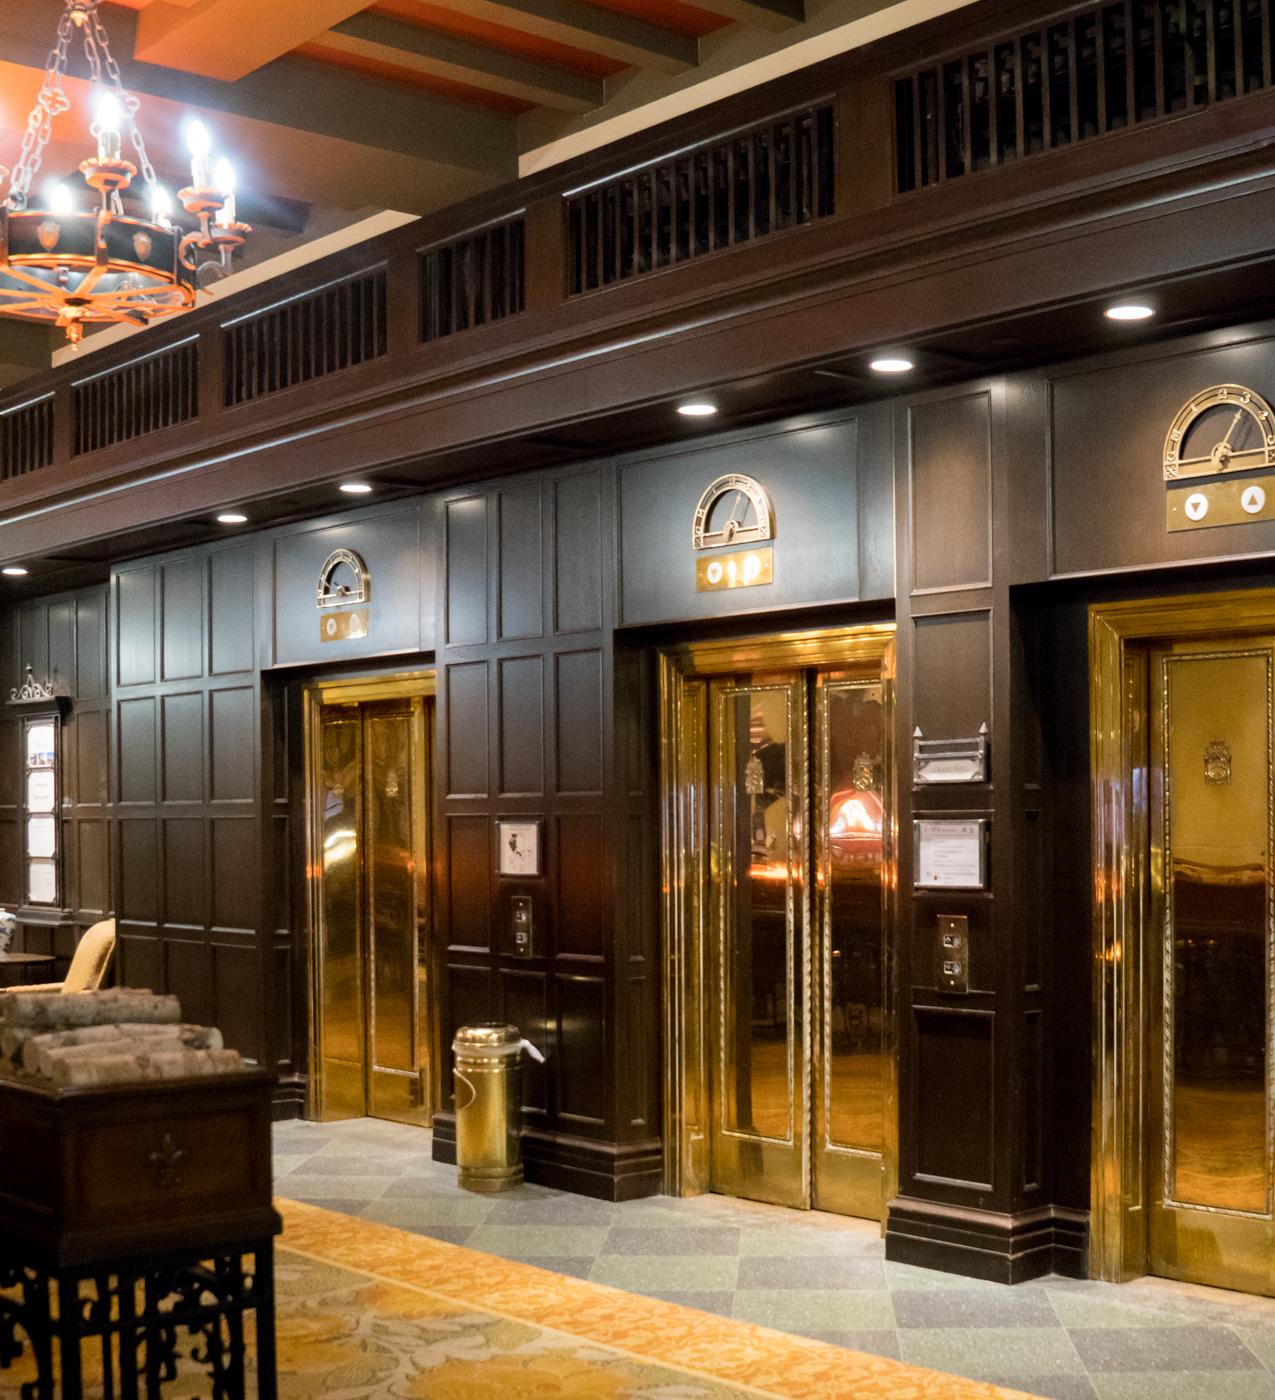 Ascenseurs du Fairmont Manoir Richelieu